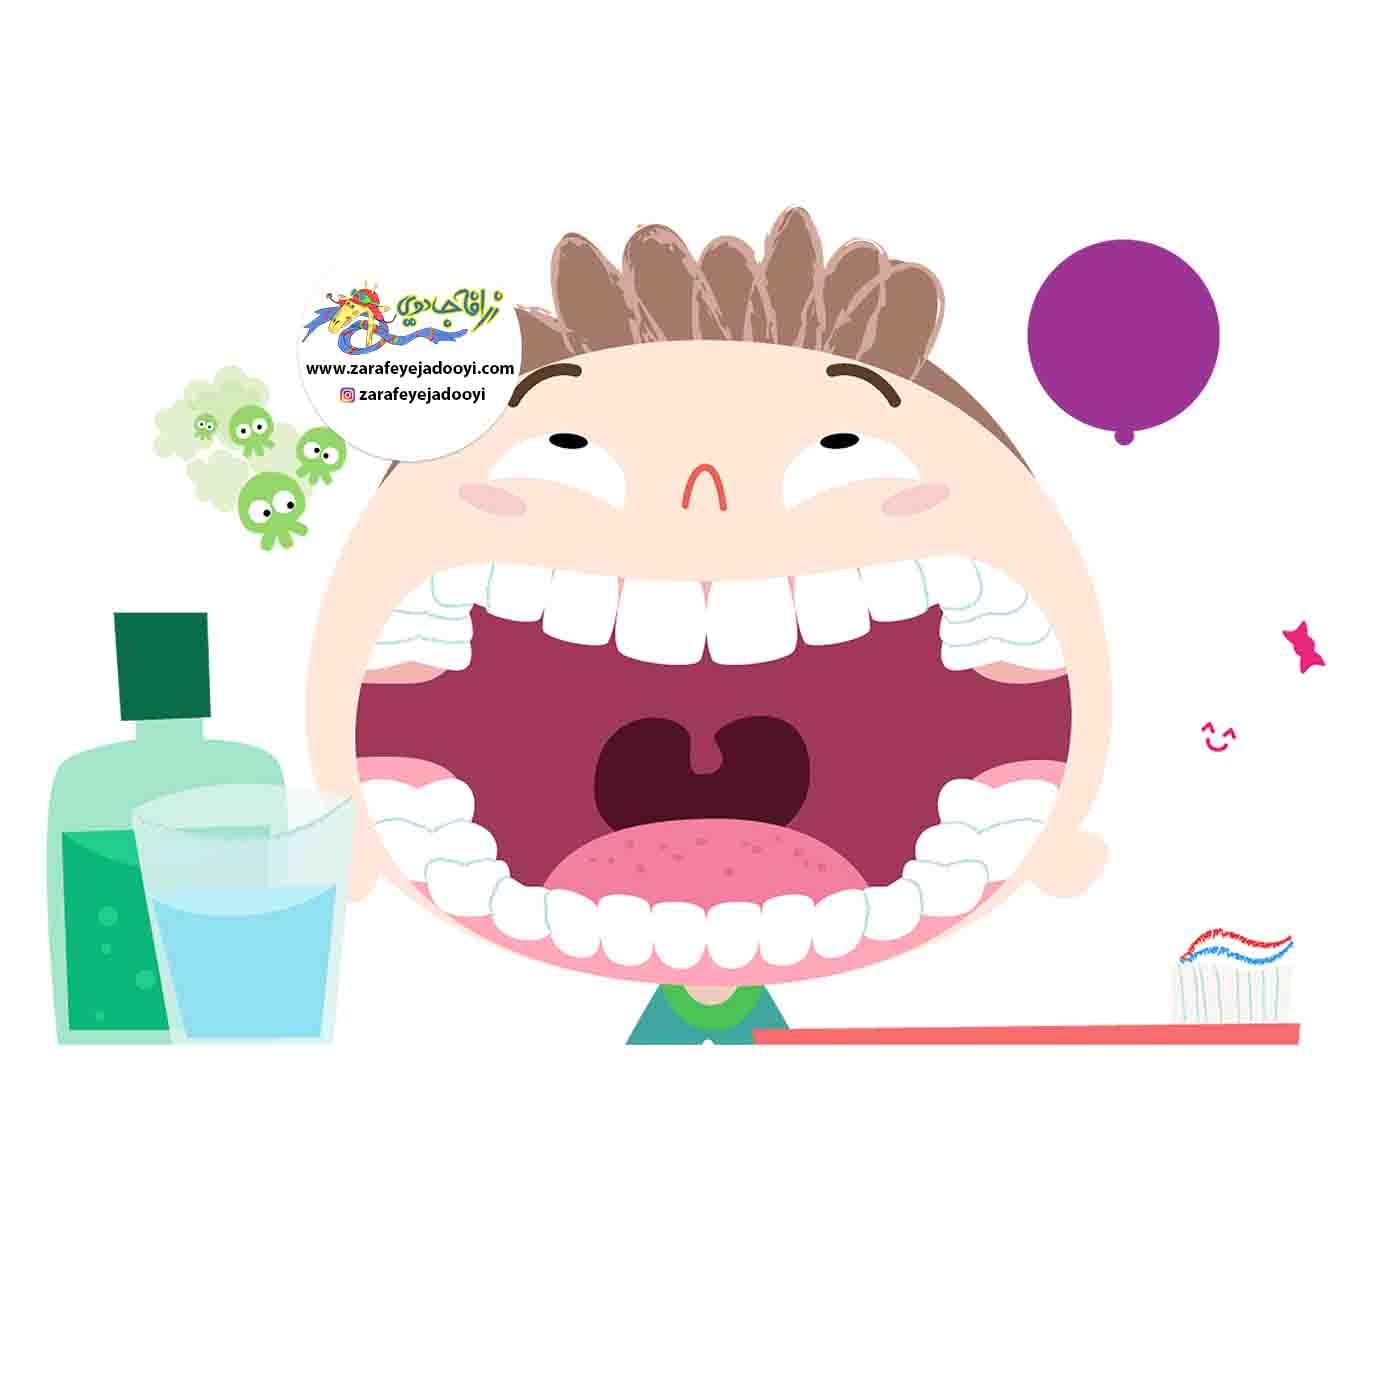 زرافه جادویی-نقش مواد غذایی در پوسیدگی دندان کودکان